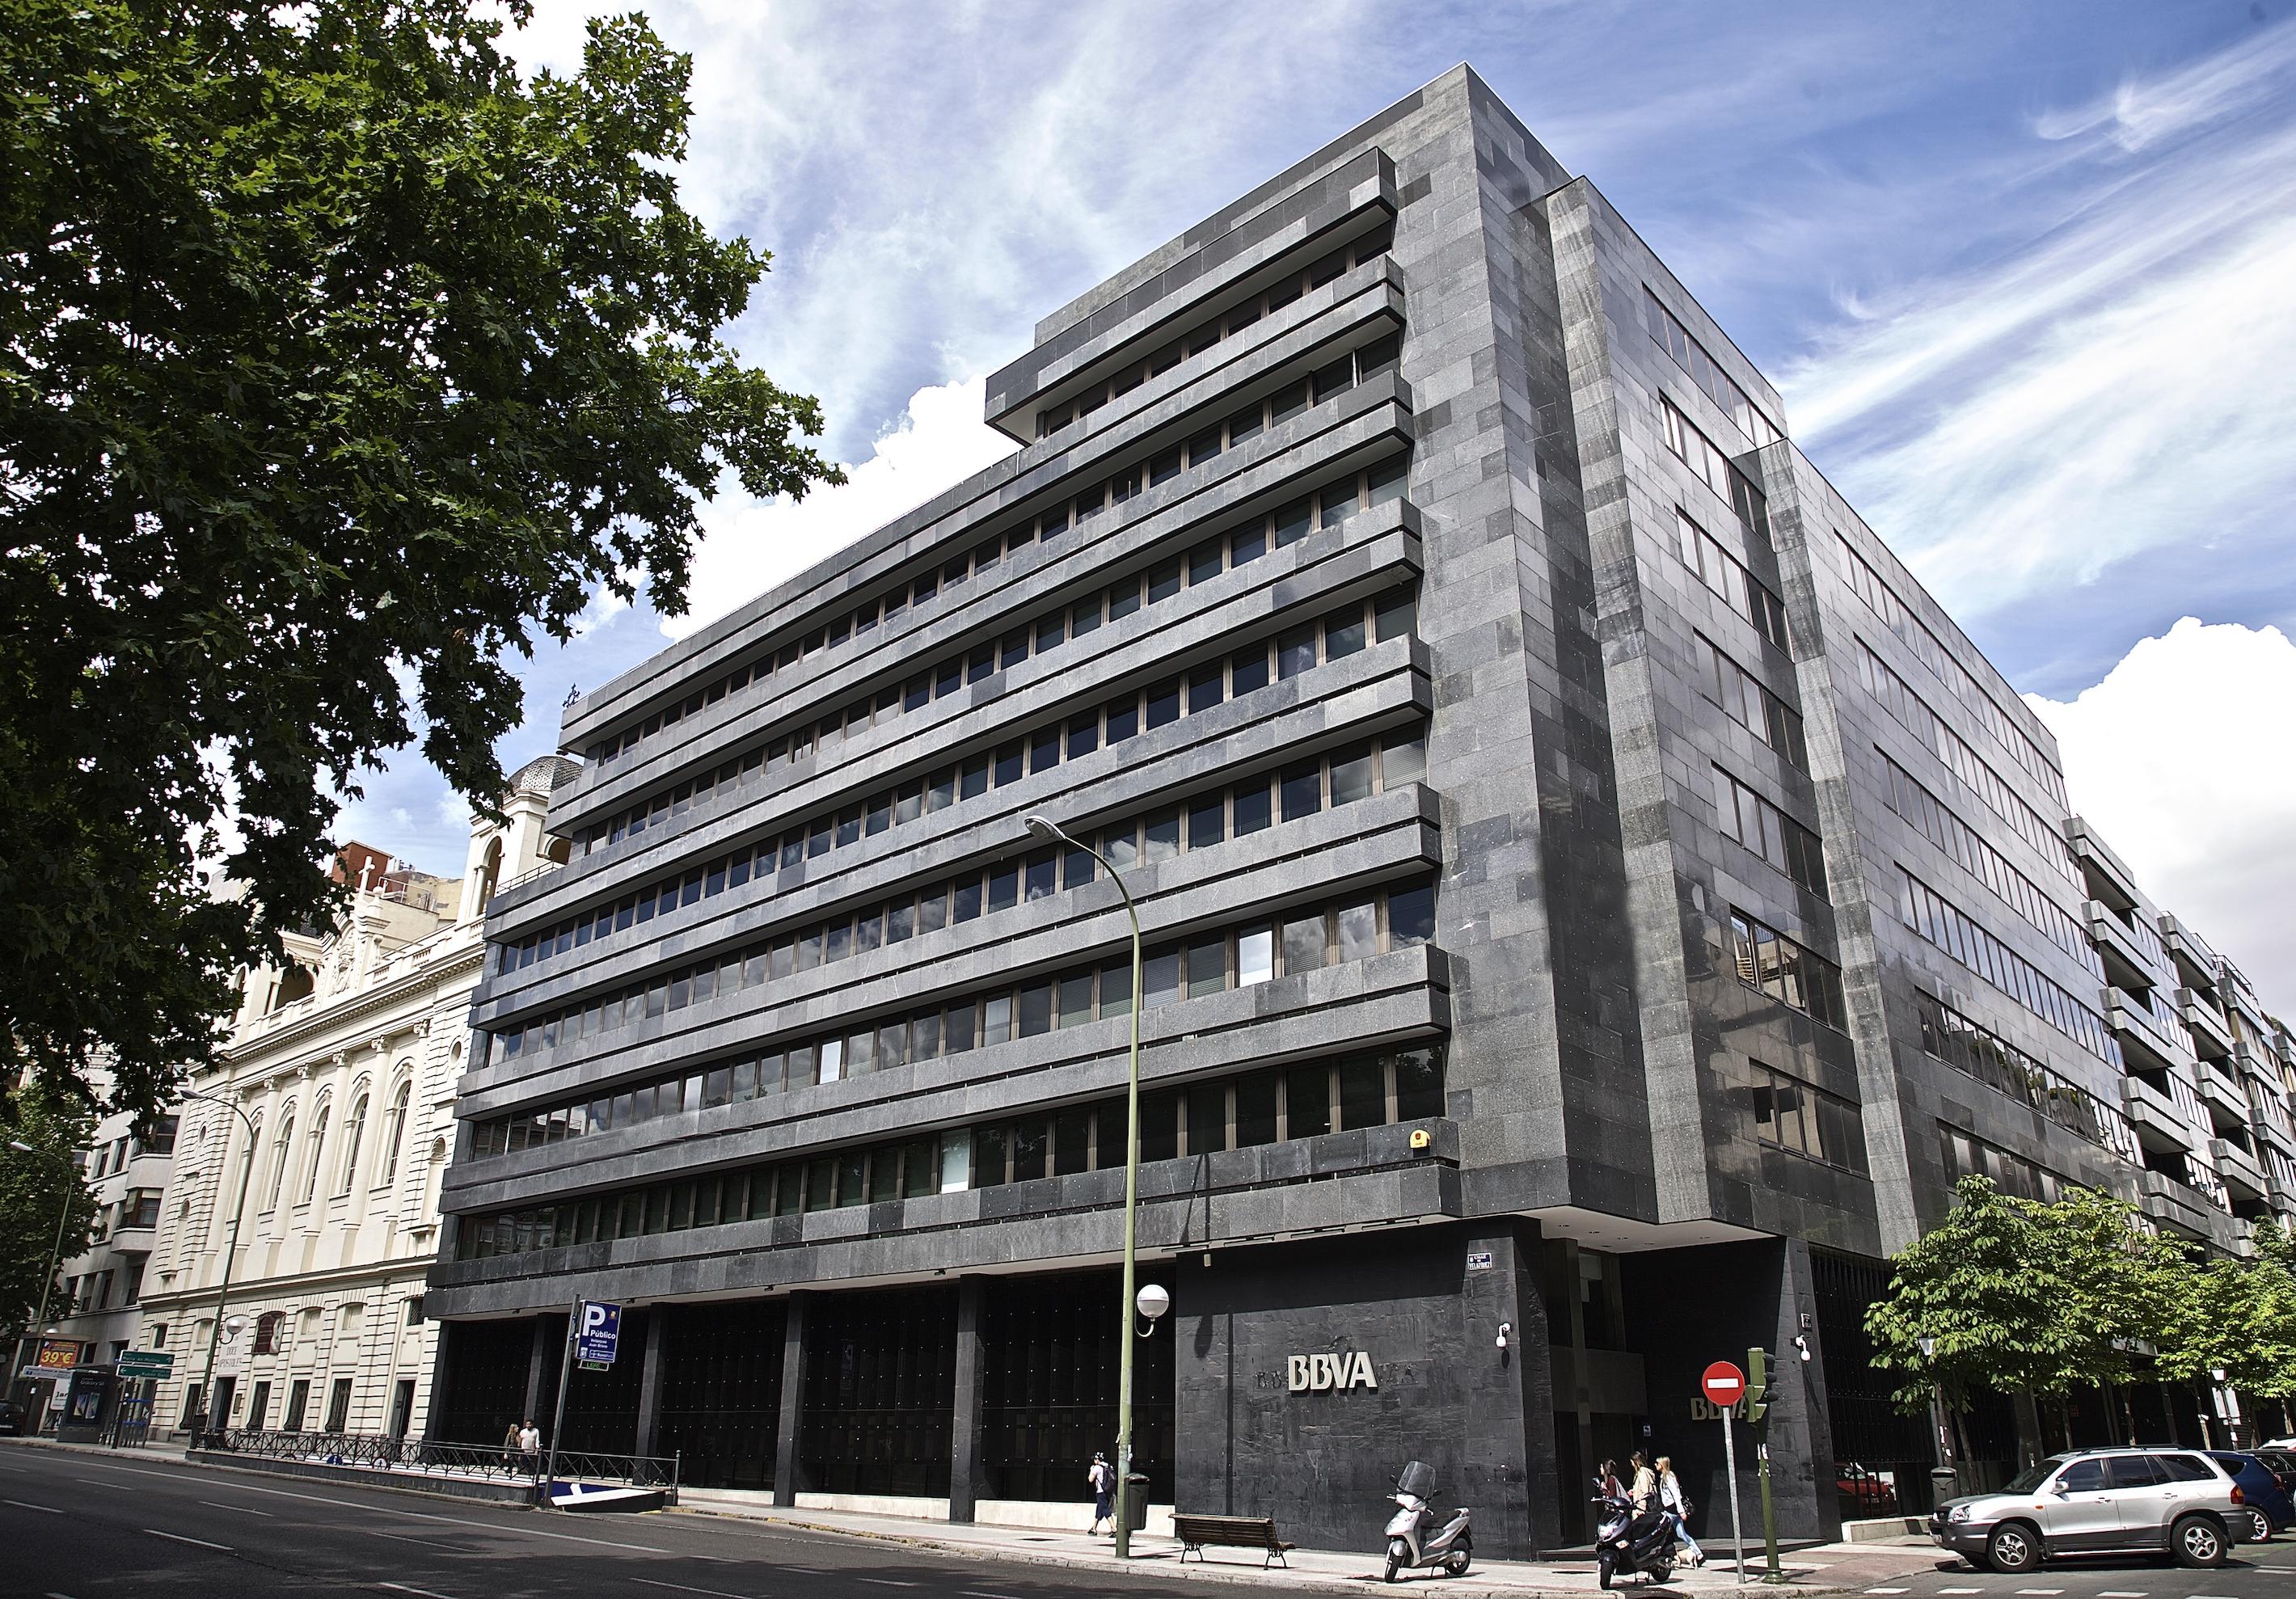 La socimi axiare compra a sareb un paquete de oficinas prime en madrid por 51 millones - Idealista oficinas madrid ...